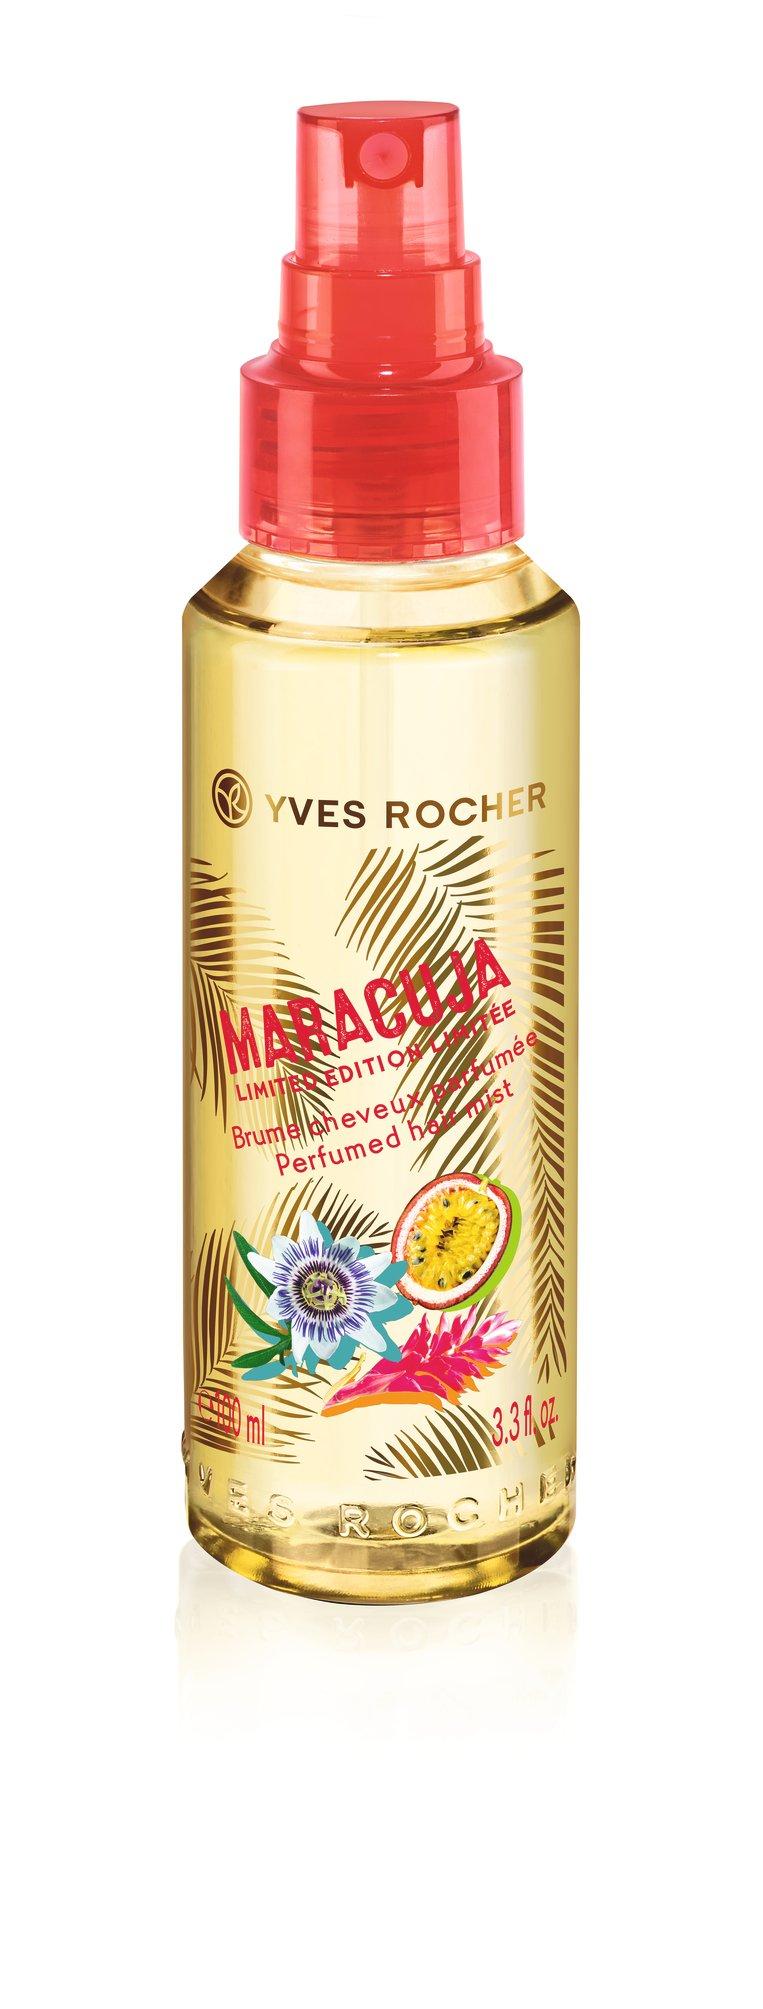 Doet je haar geuren als een zomerse cocktail met passievrucht en gember. Heel erg jummie! Haarspray Maracuja limited edition van Yves Rocher € 14,90 www.yves-rocher.be